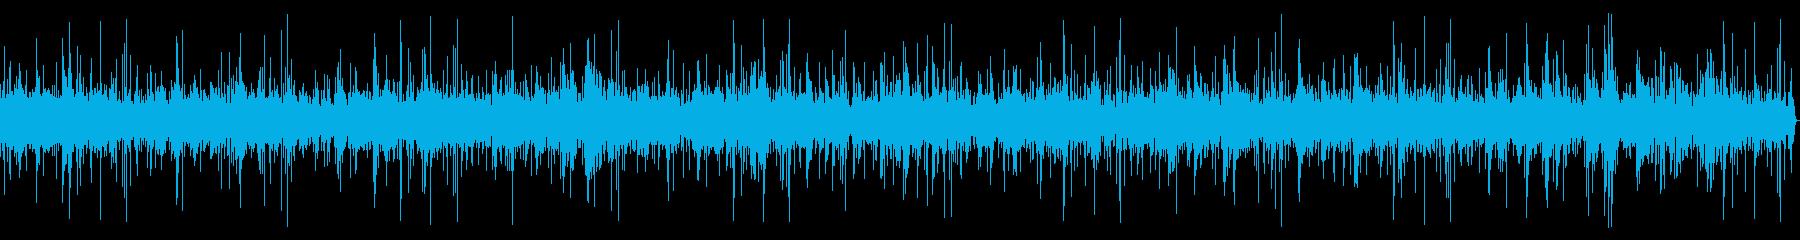 環境音とピアノを使った穏やかなBGMの再生済みの波形